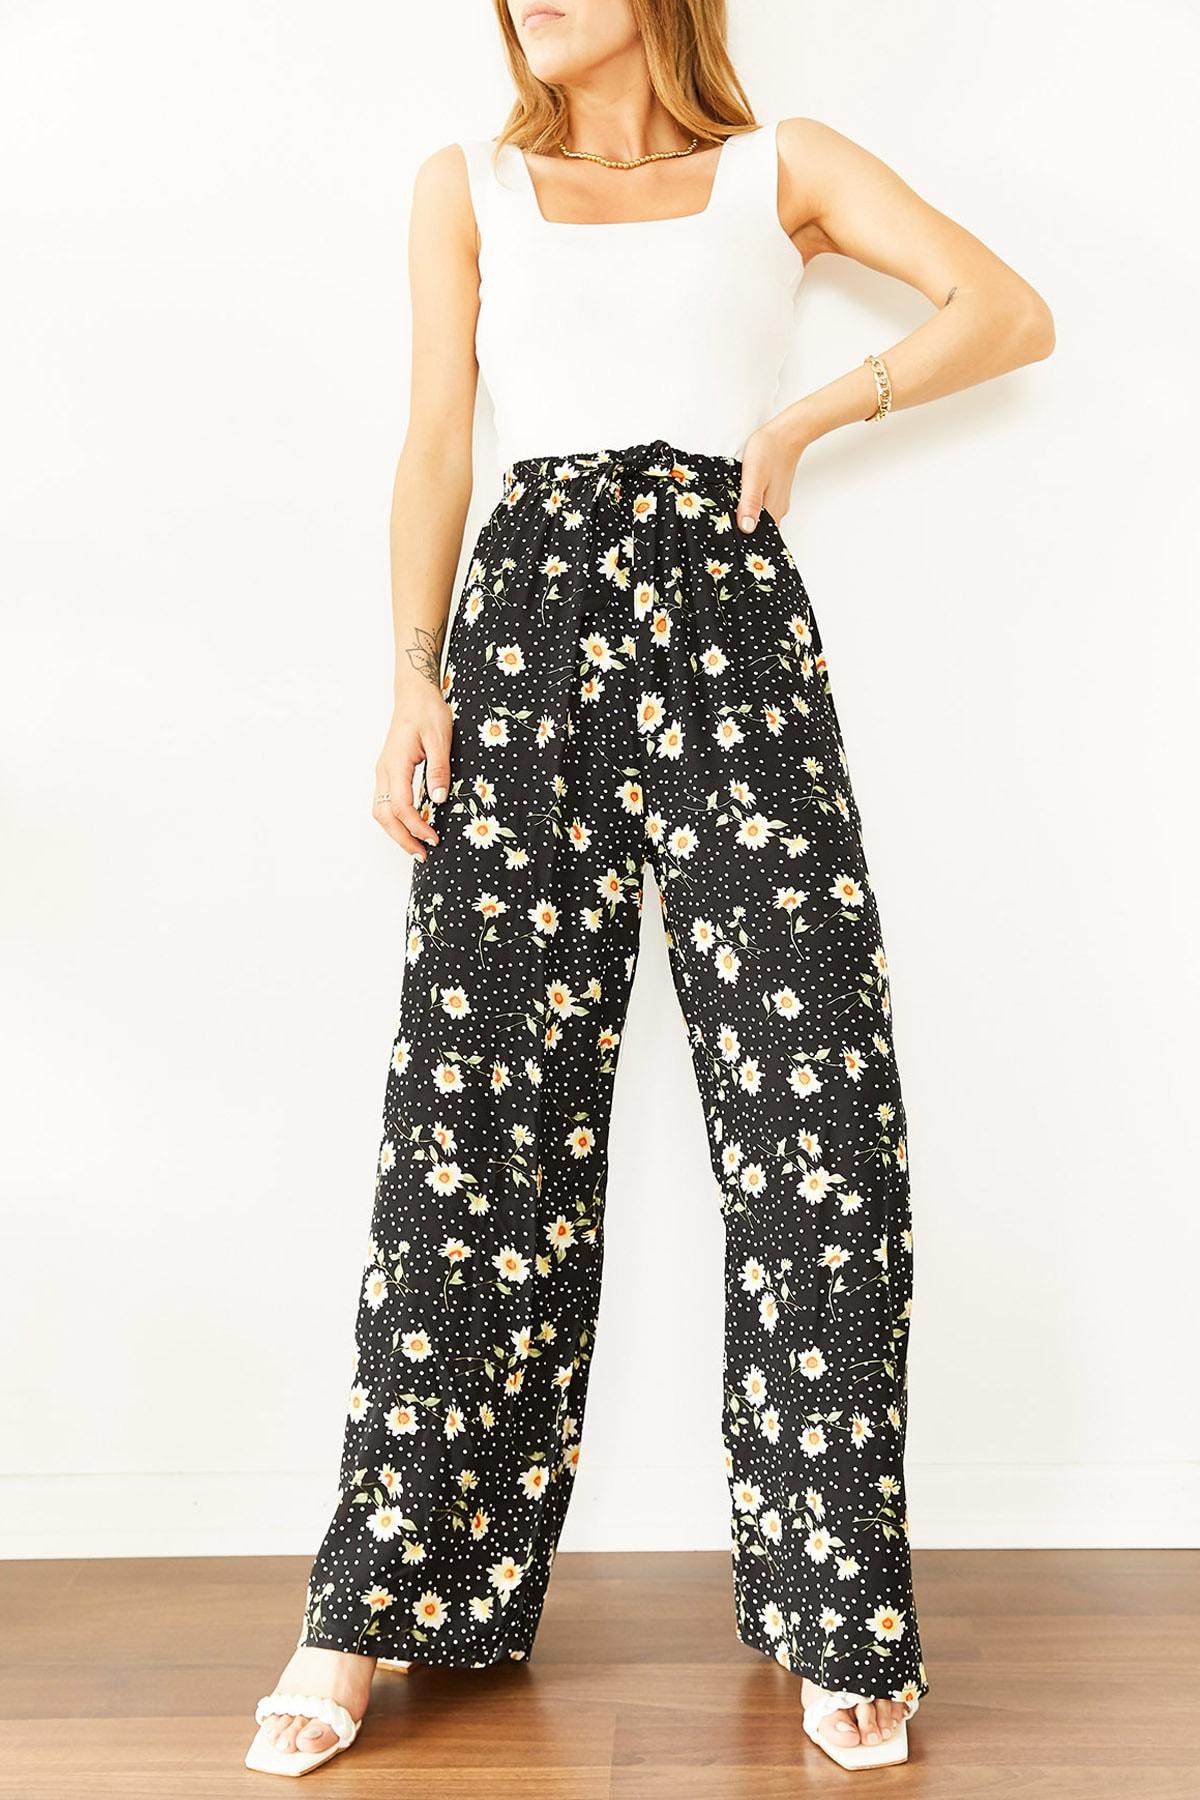 Xhan Kadın Siyah & Beyaz Çiçek Desenli Beli Lastikli Dokuma Pantolon 0YXK5-43894-02 8699443894021